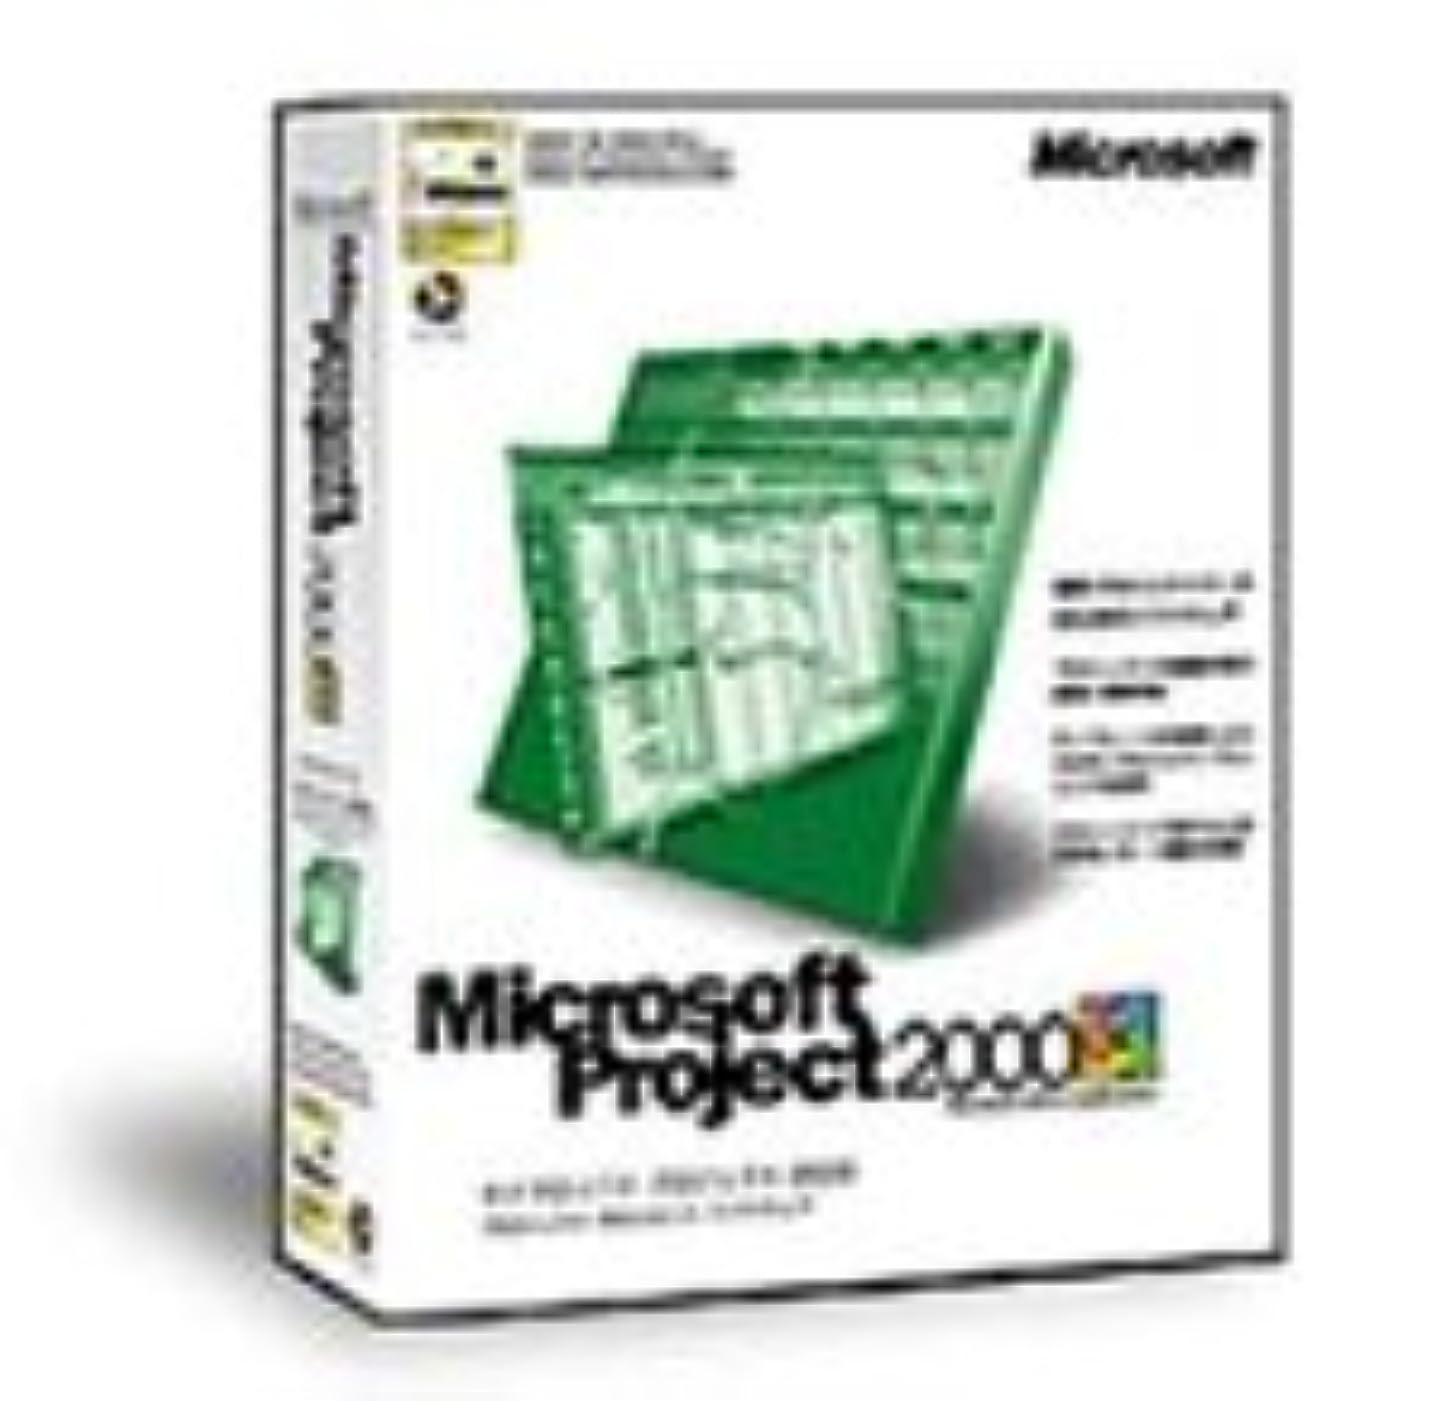 損失マエストロ準拠【旧商品】Microsoft Project 2000 Service Release 1 アカデミックパック